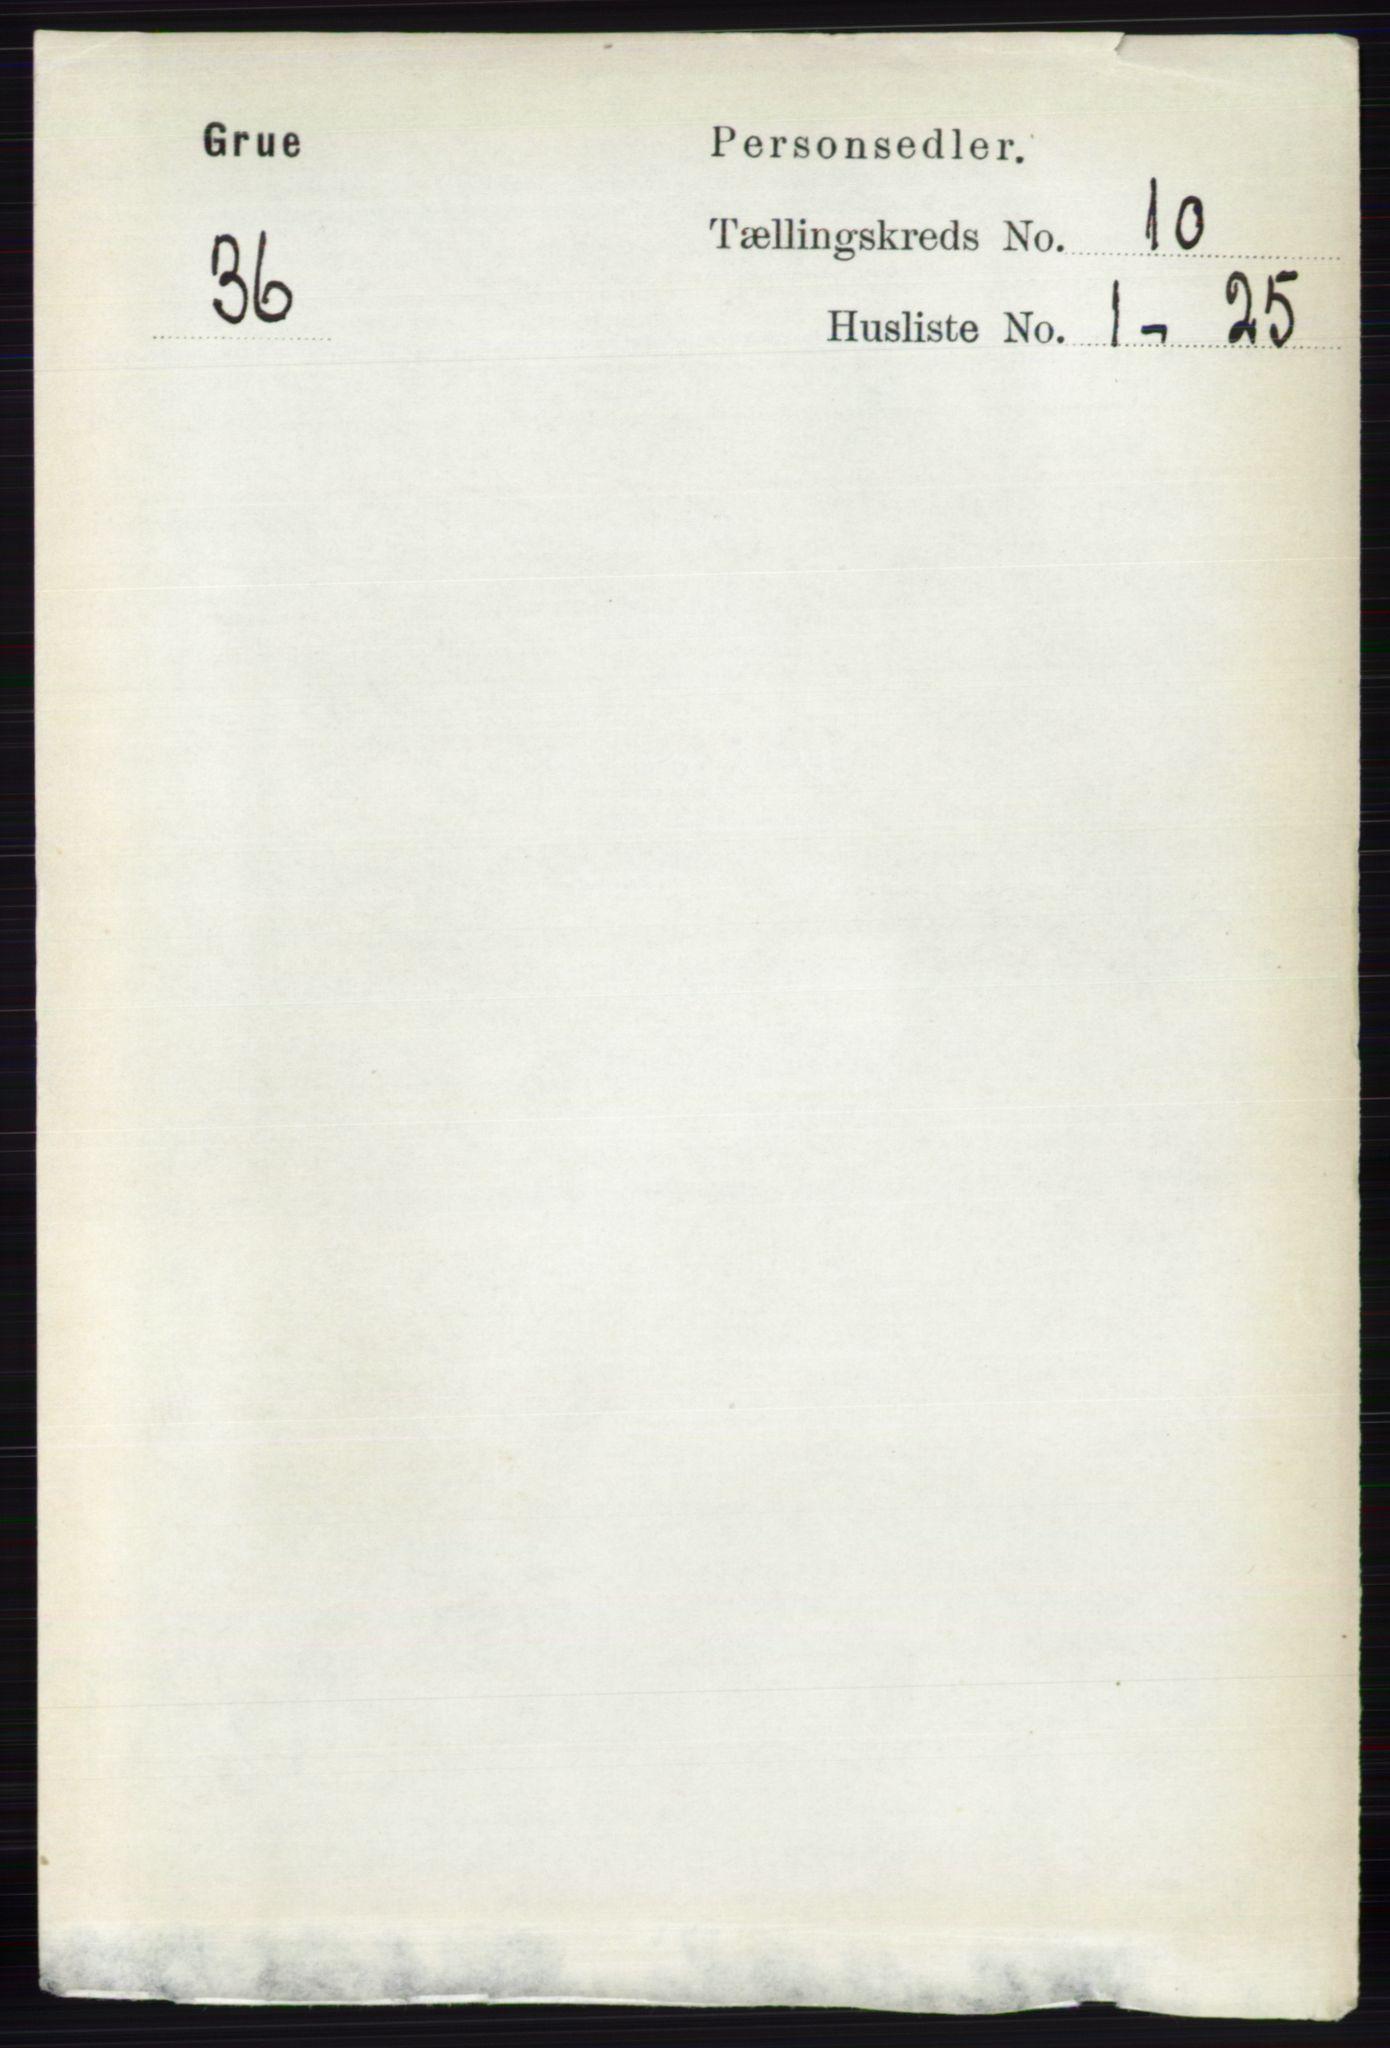 RA, Folketelling 1891 for 0423 Grue herred, 1891, s. 5362